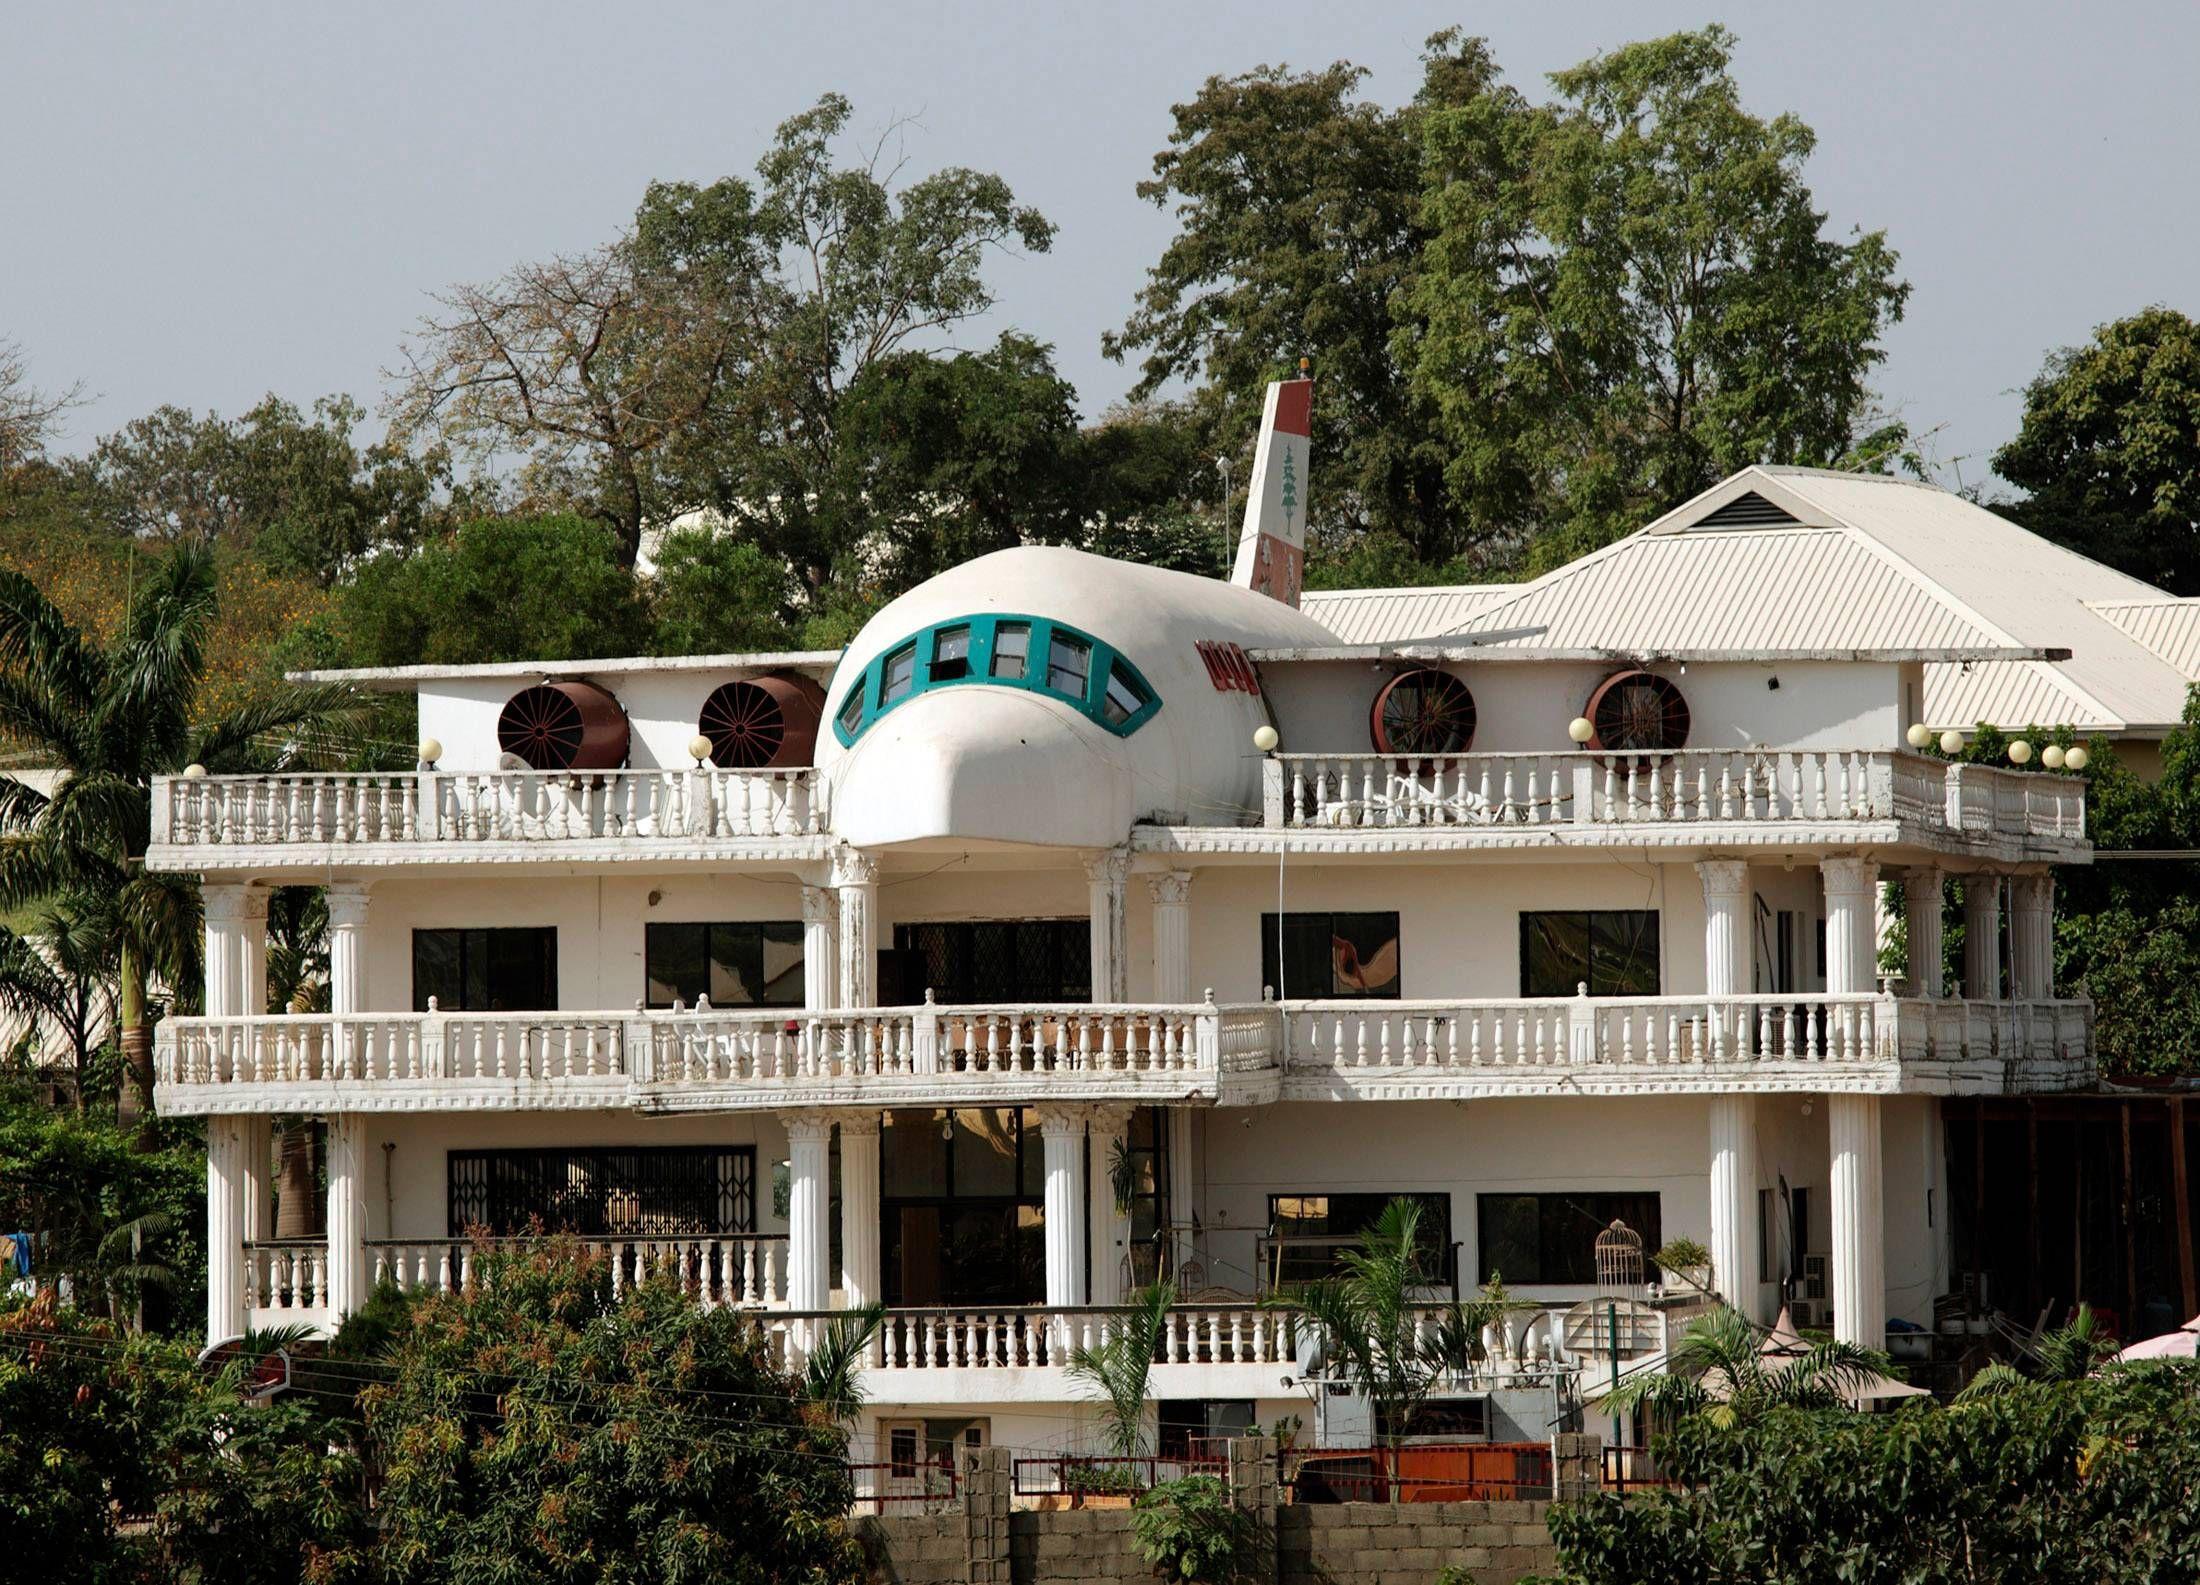 Biết vợ thích du lịch, người đàn ông xây cả máy bay trên nóc nhà - Ảnh 4.